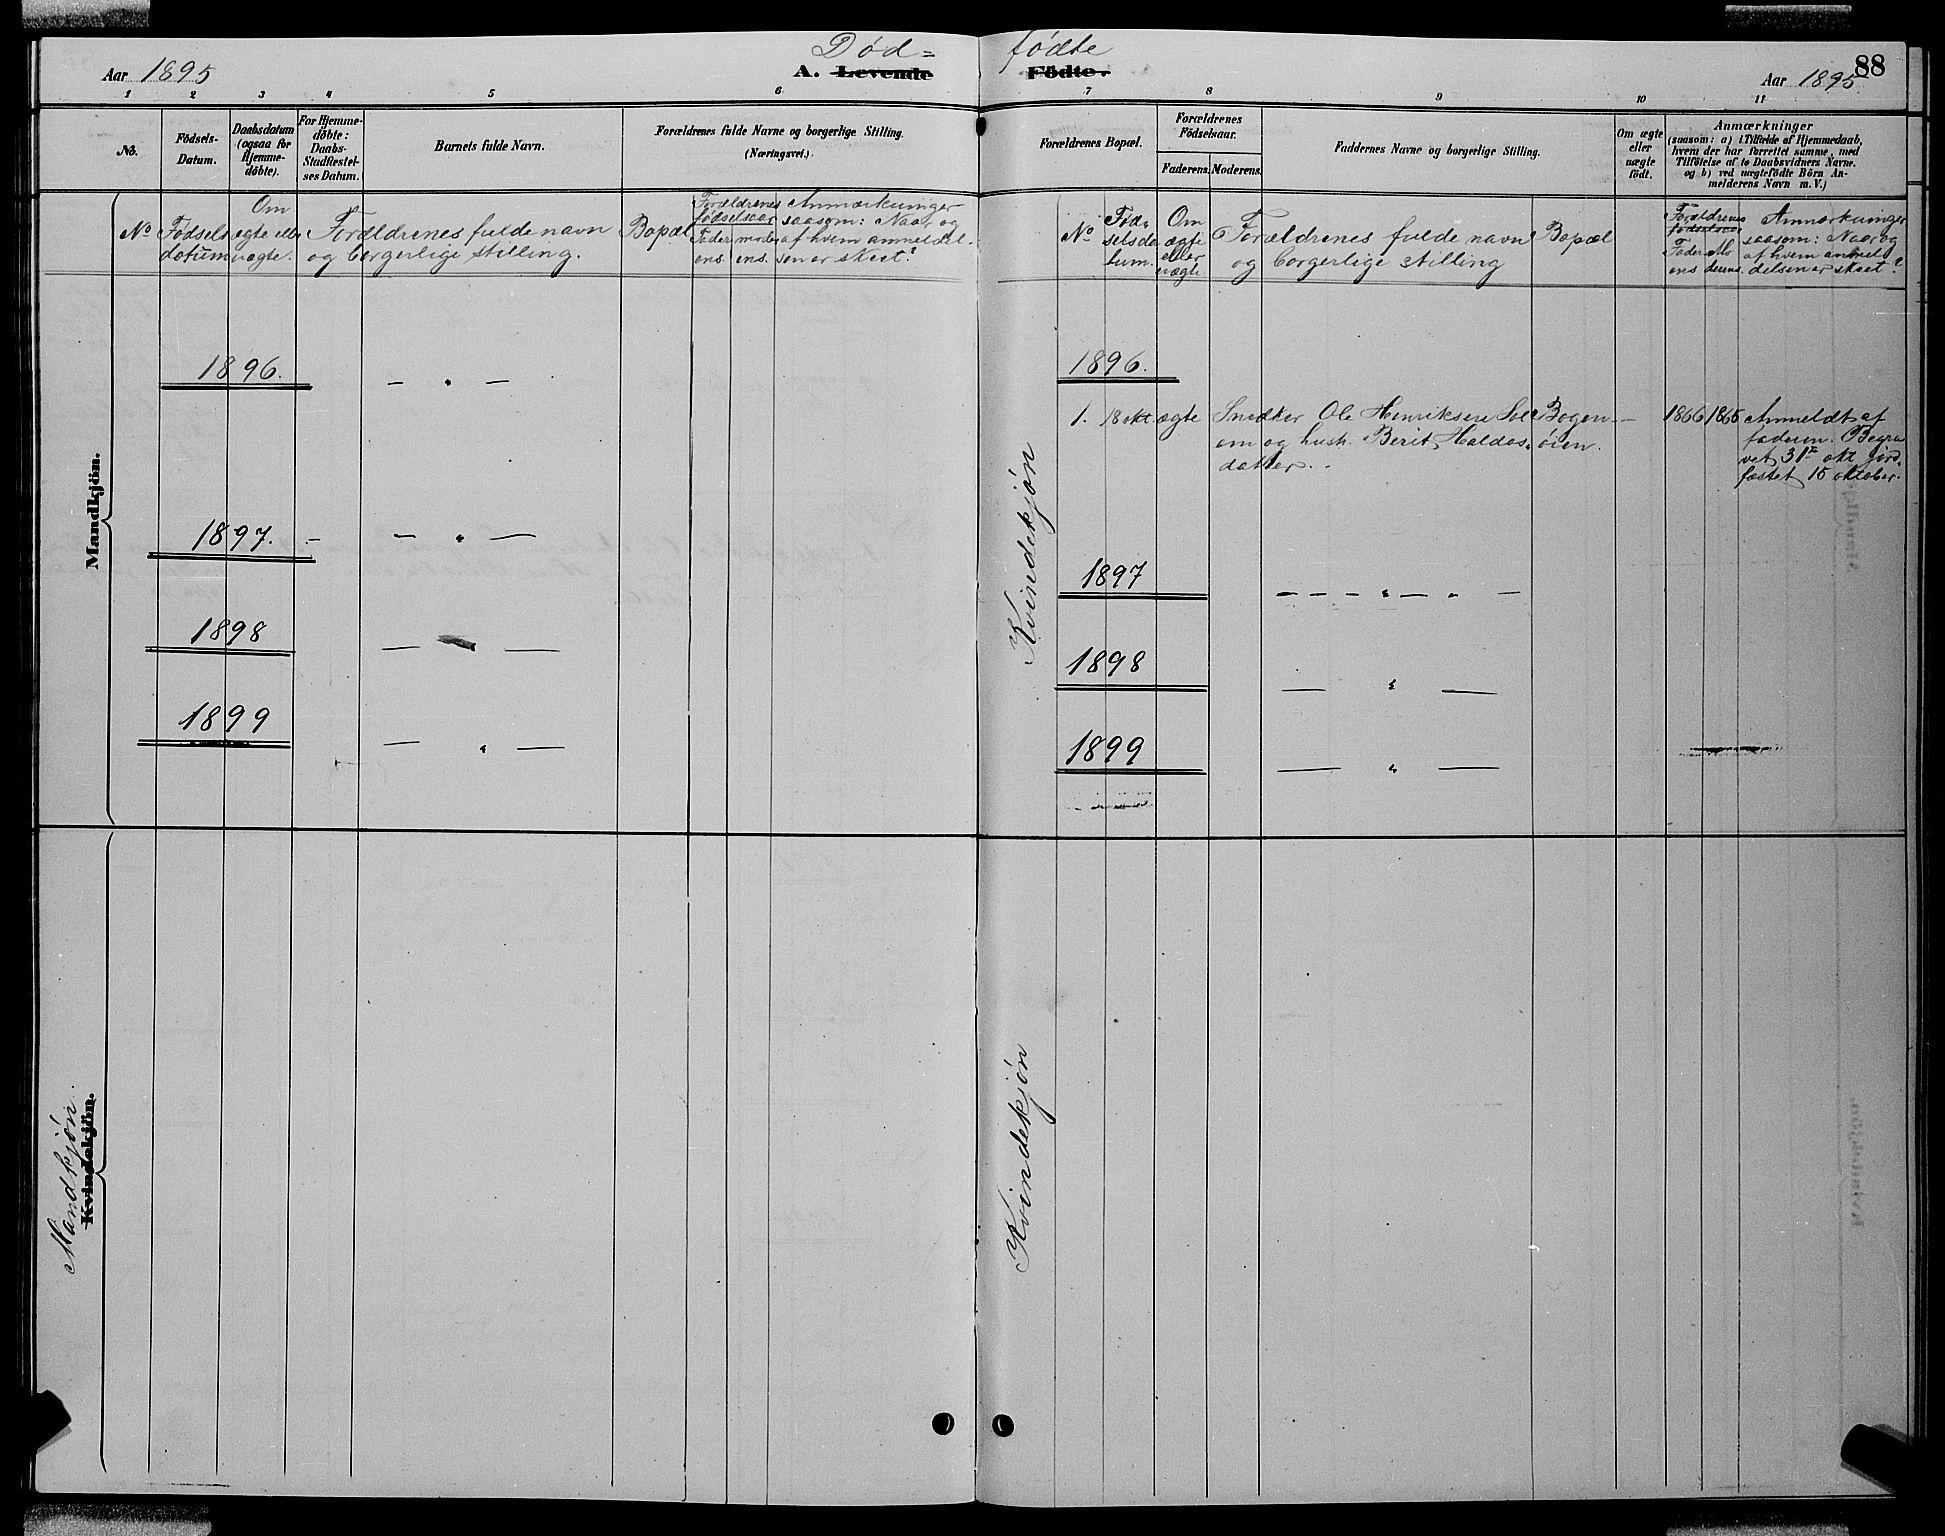 SAT, Ministerialprotokoller, klokkerbøker og fødselsregistre - Sør-Trøndelag, 688/L1028: Klokkerbok nr. 688C03, 1889-1899, s. 88